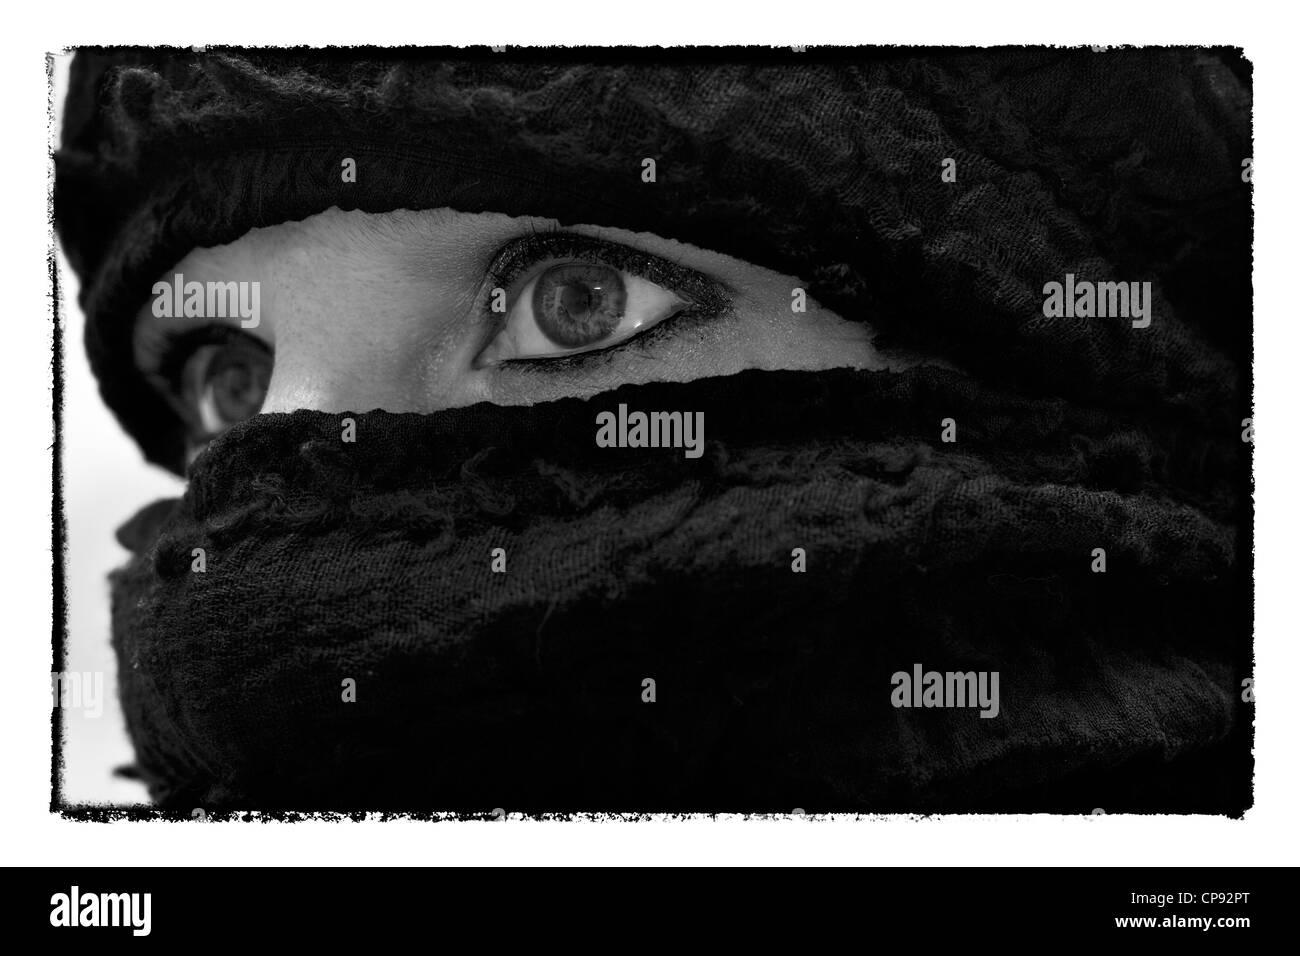 in veil - Stock Image